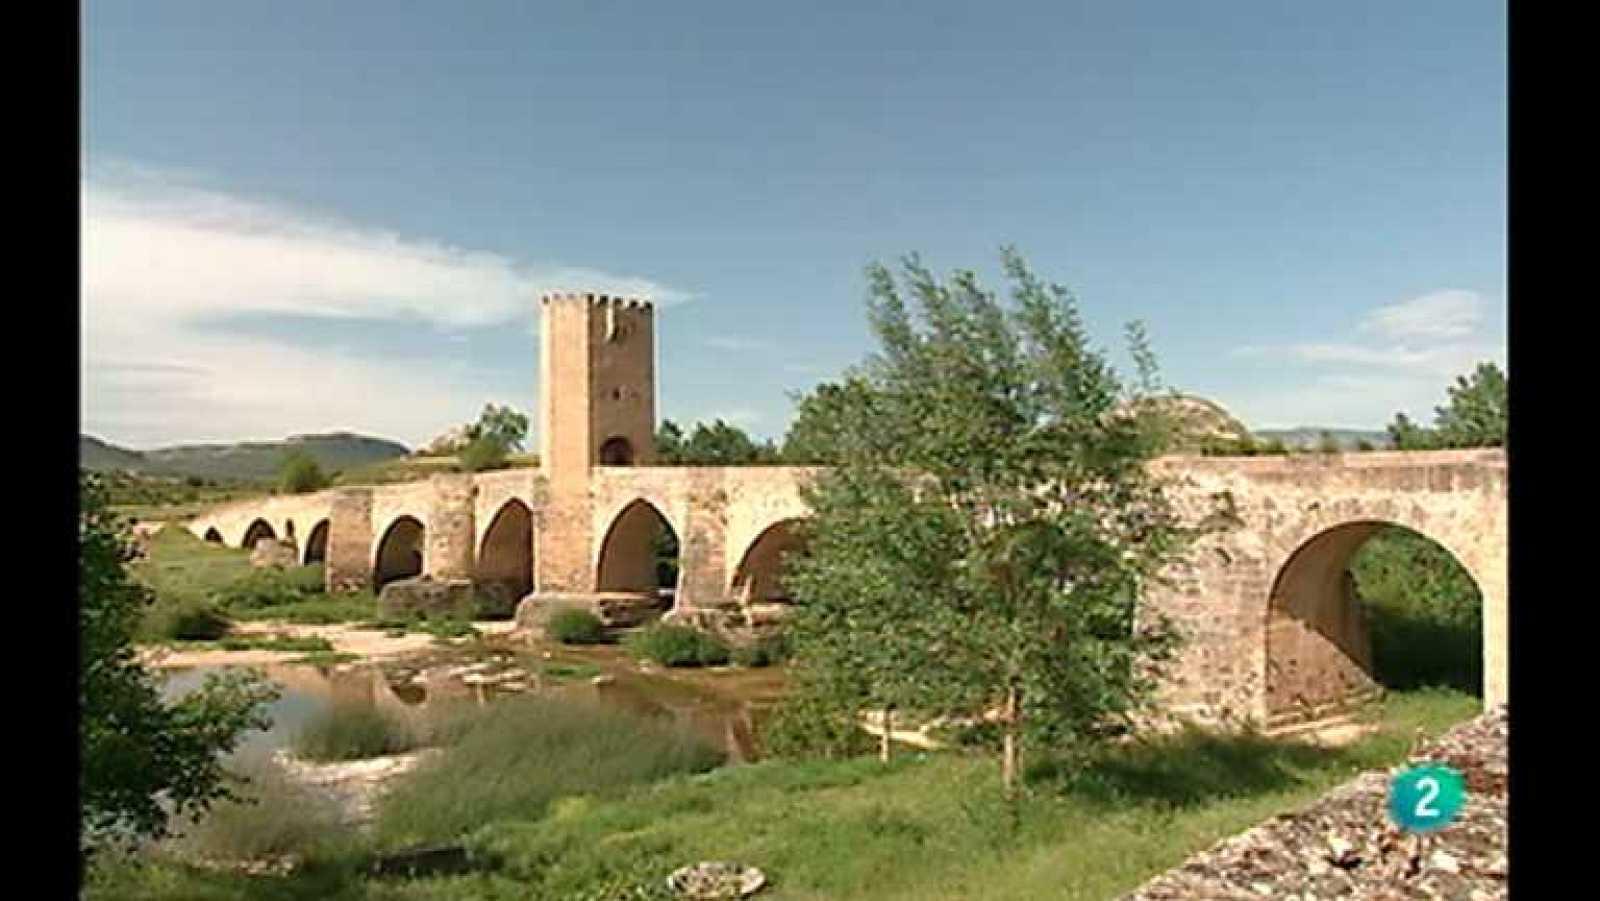 Las claves del románico - Reconquista y fortificación - ver ahora